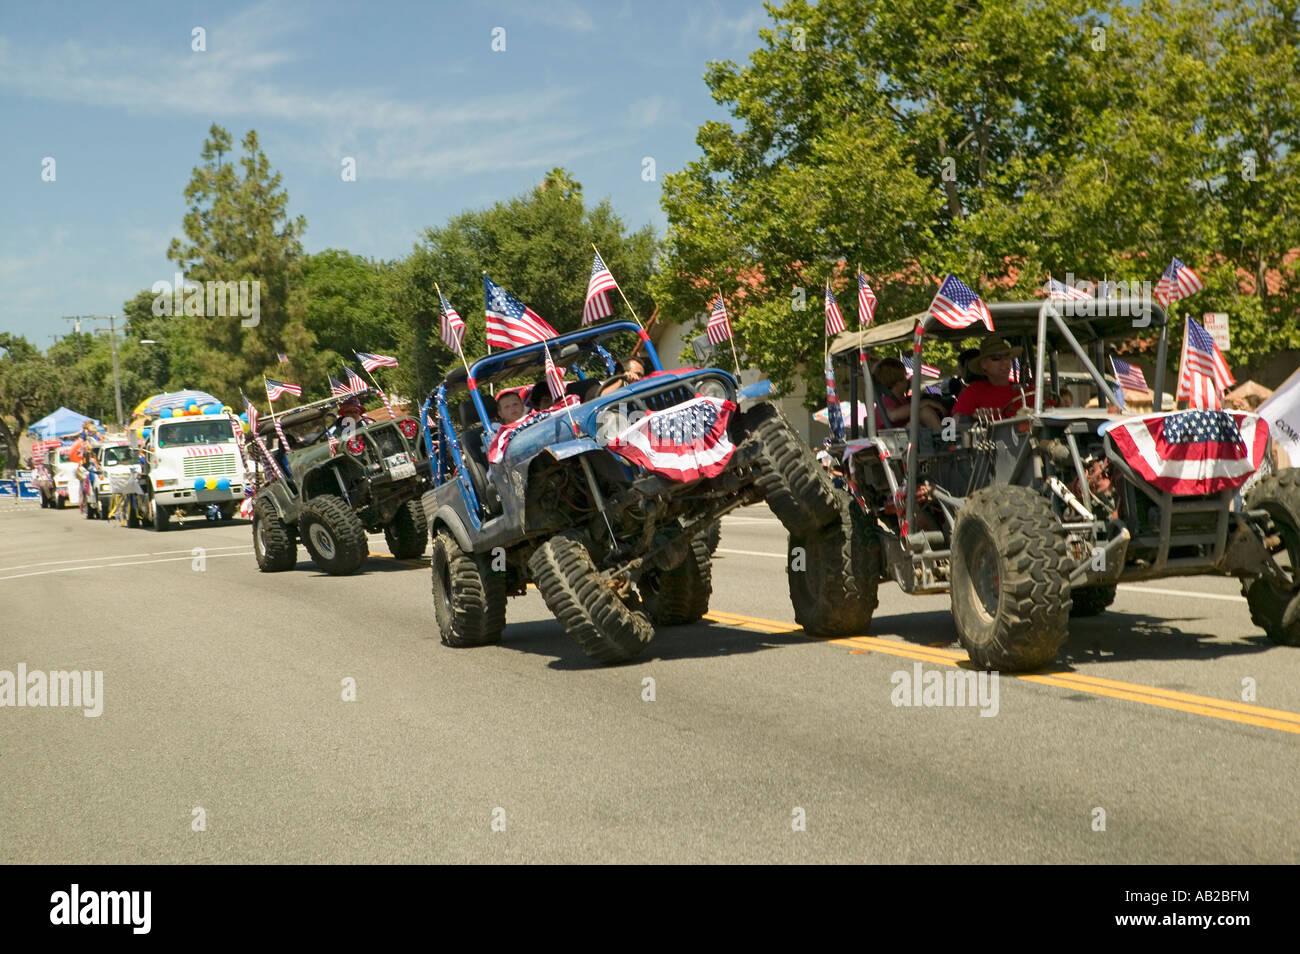 Bandiera ornata di jeep dimostrare 4 manovre di ruota come fanno la loro strada giù per la strada principale Immagini Stock